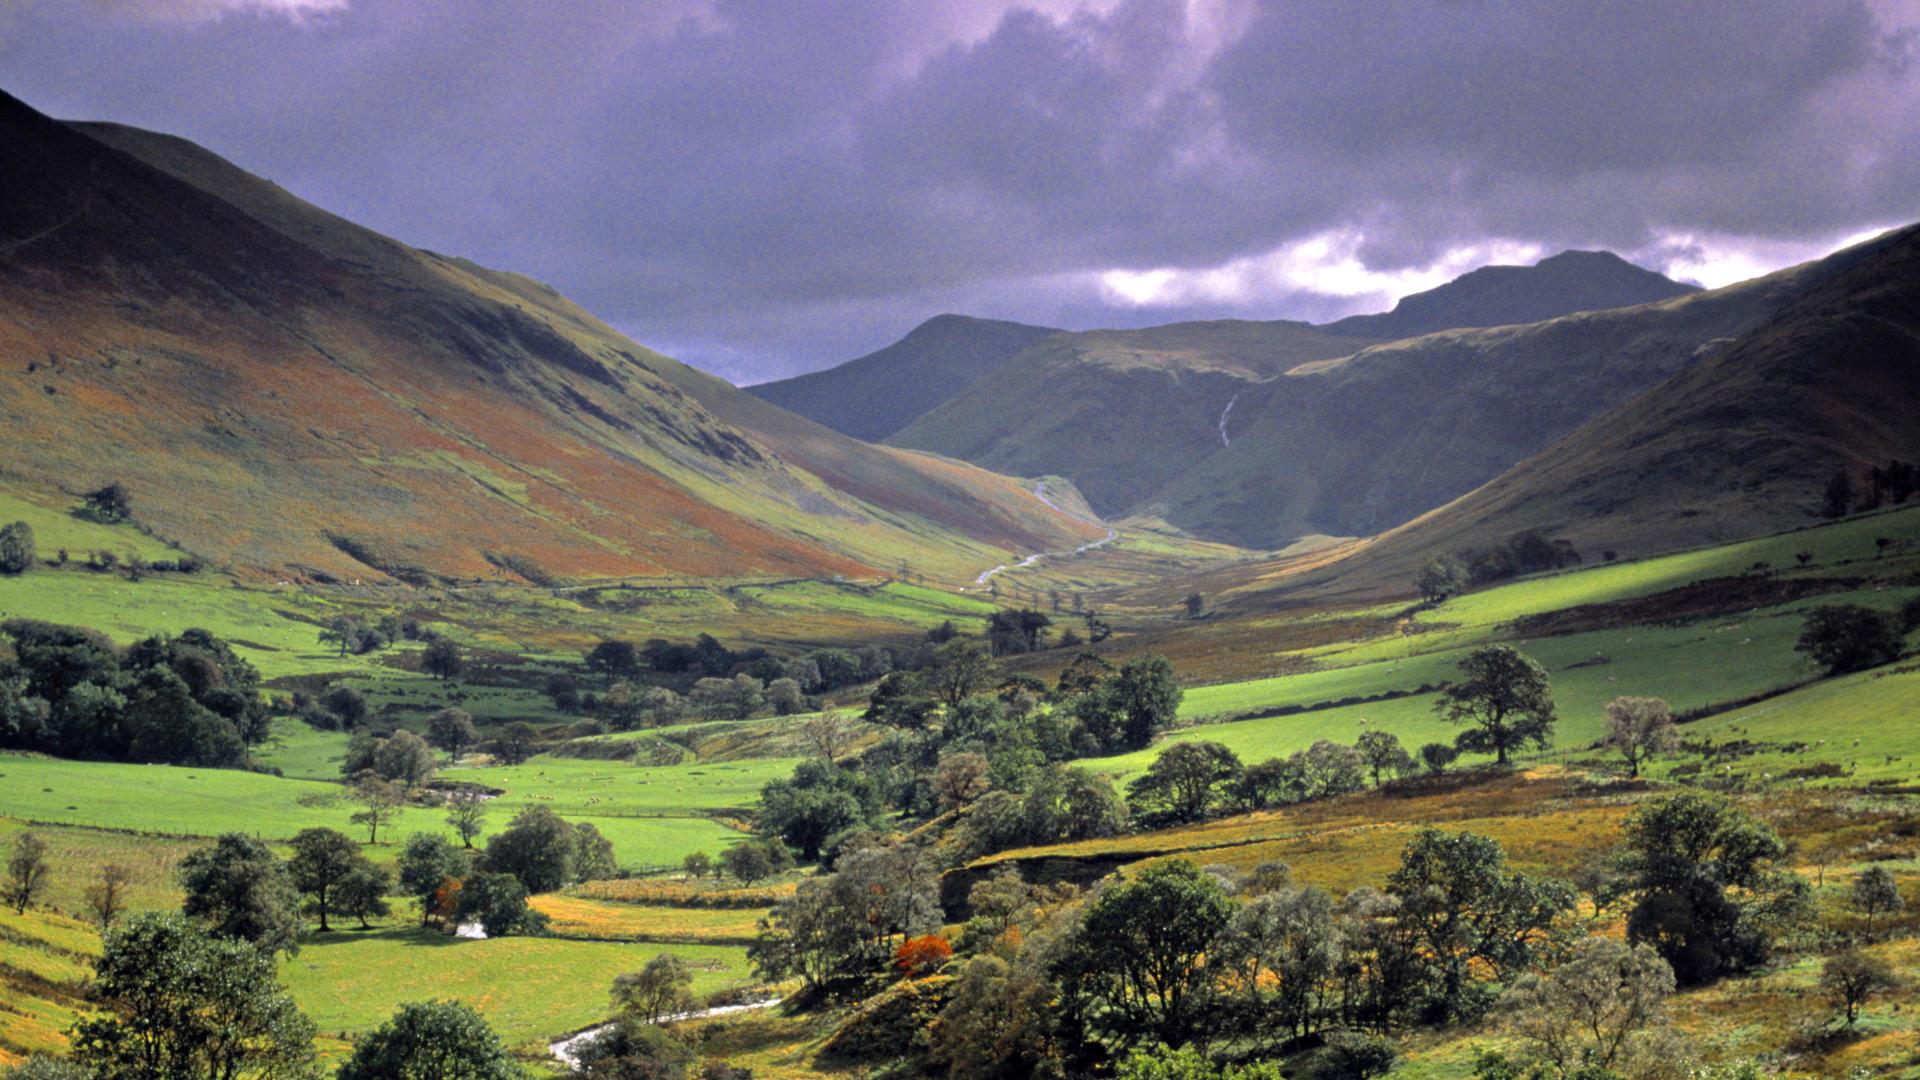 Lake District England wallpaper   136988 1920x1080